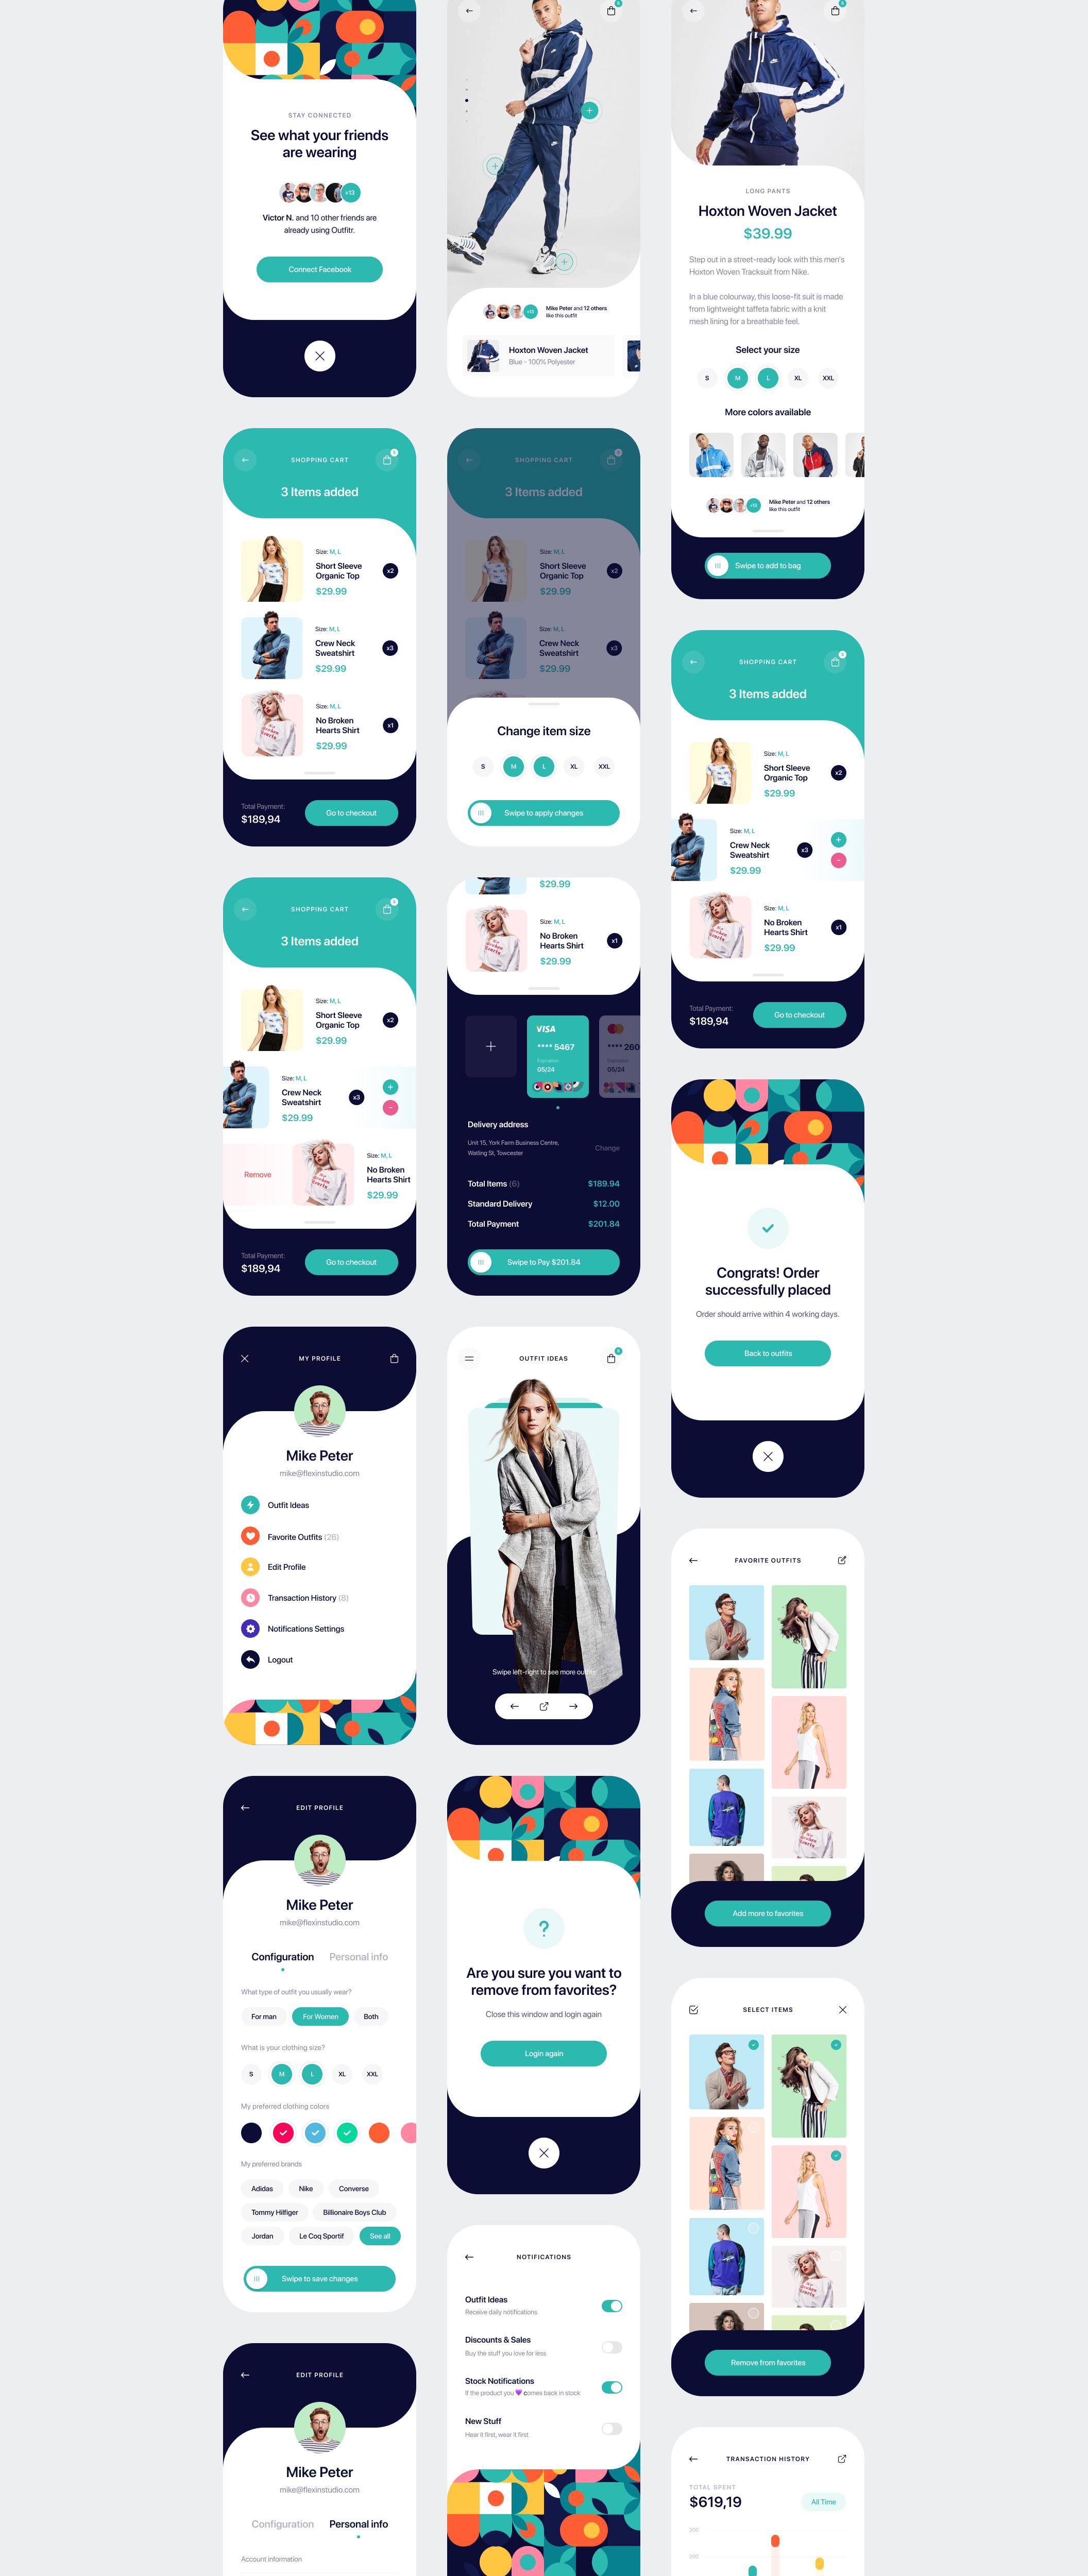 时尚潮流服装商城应用程序APP界面设计UI套件 Outfitr – Fashion UI Kit插图(11)